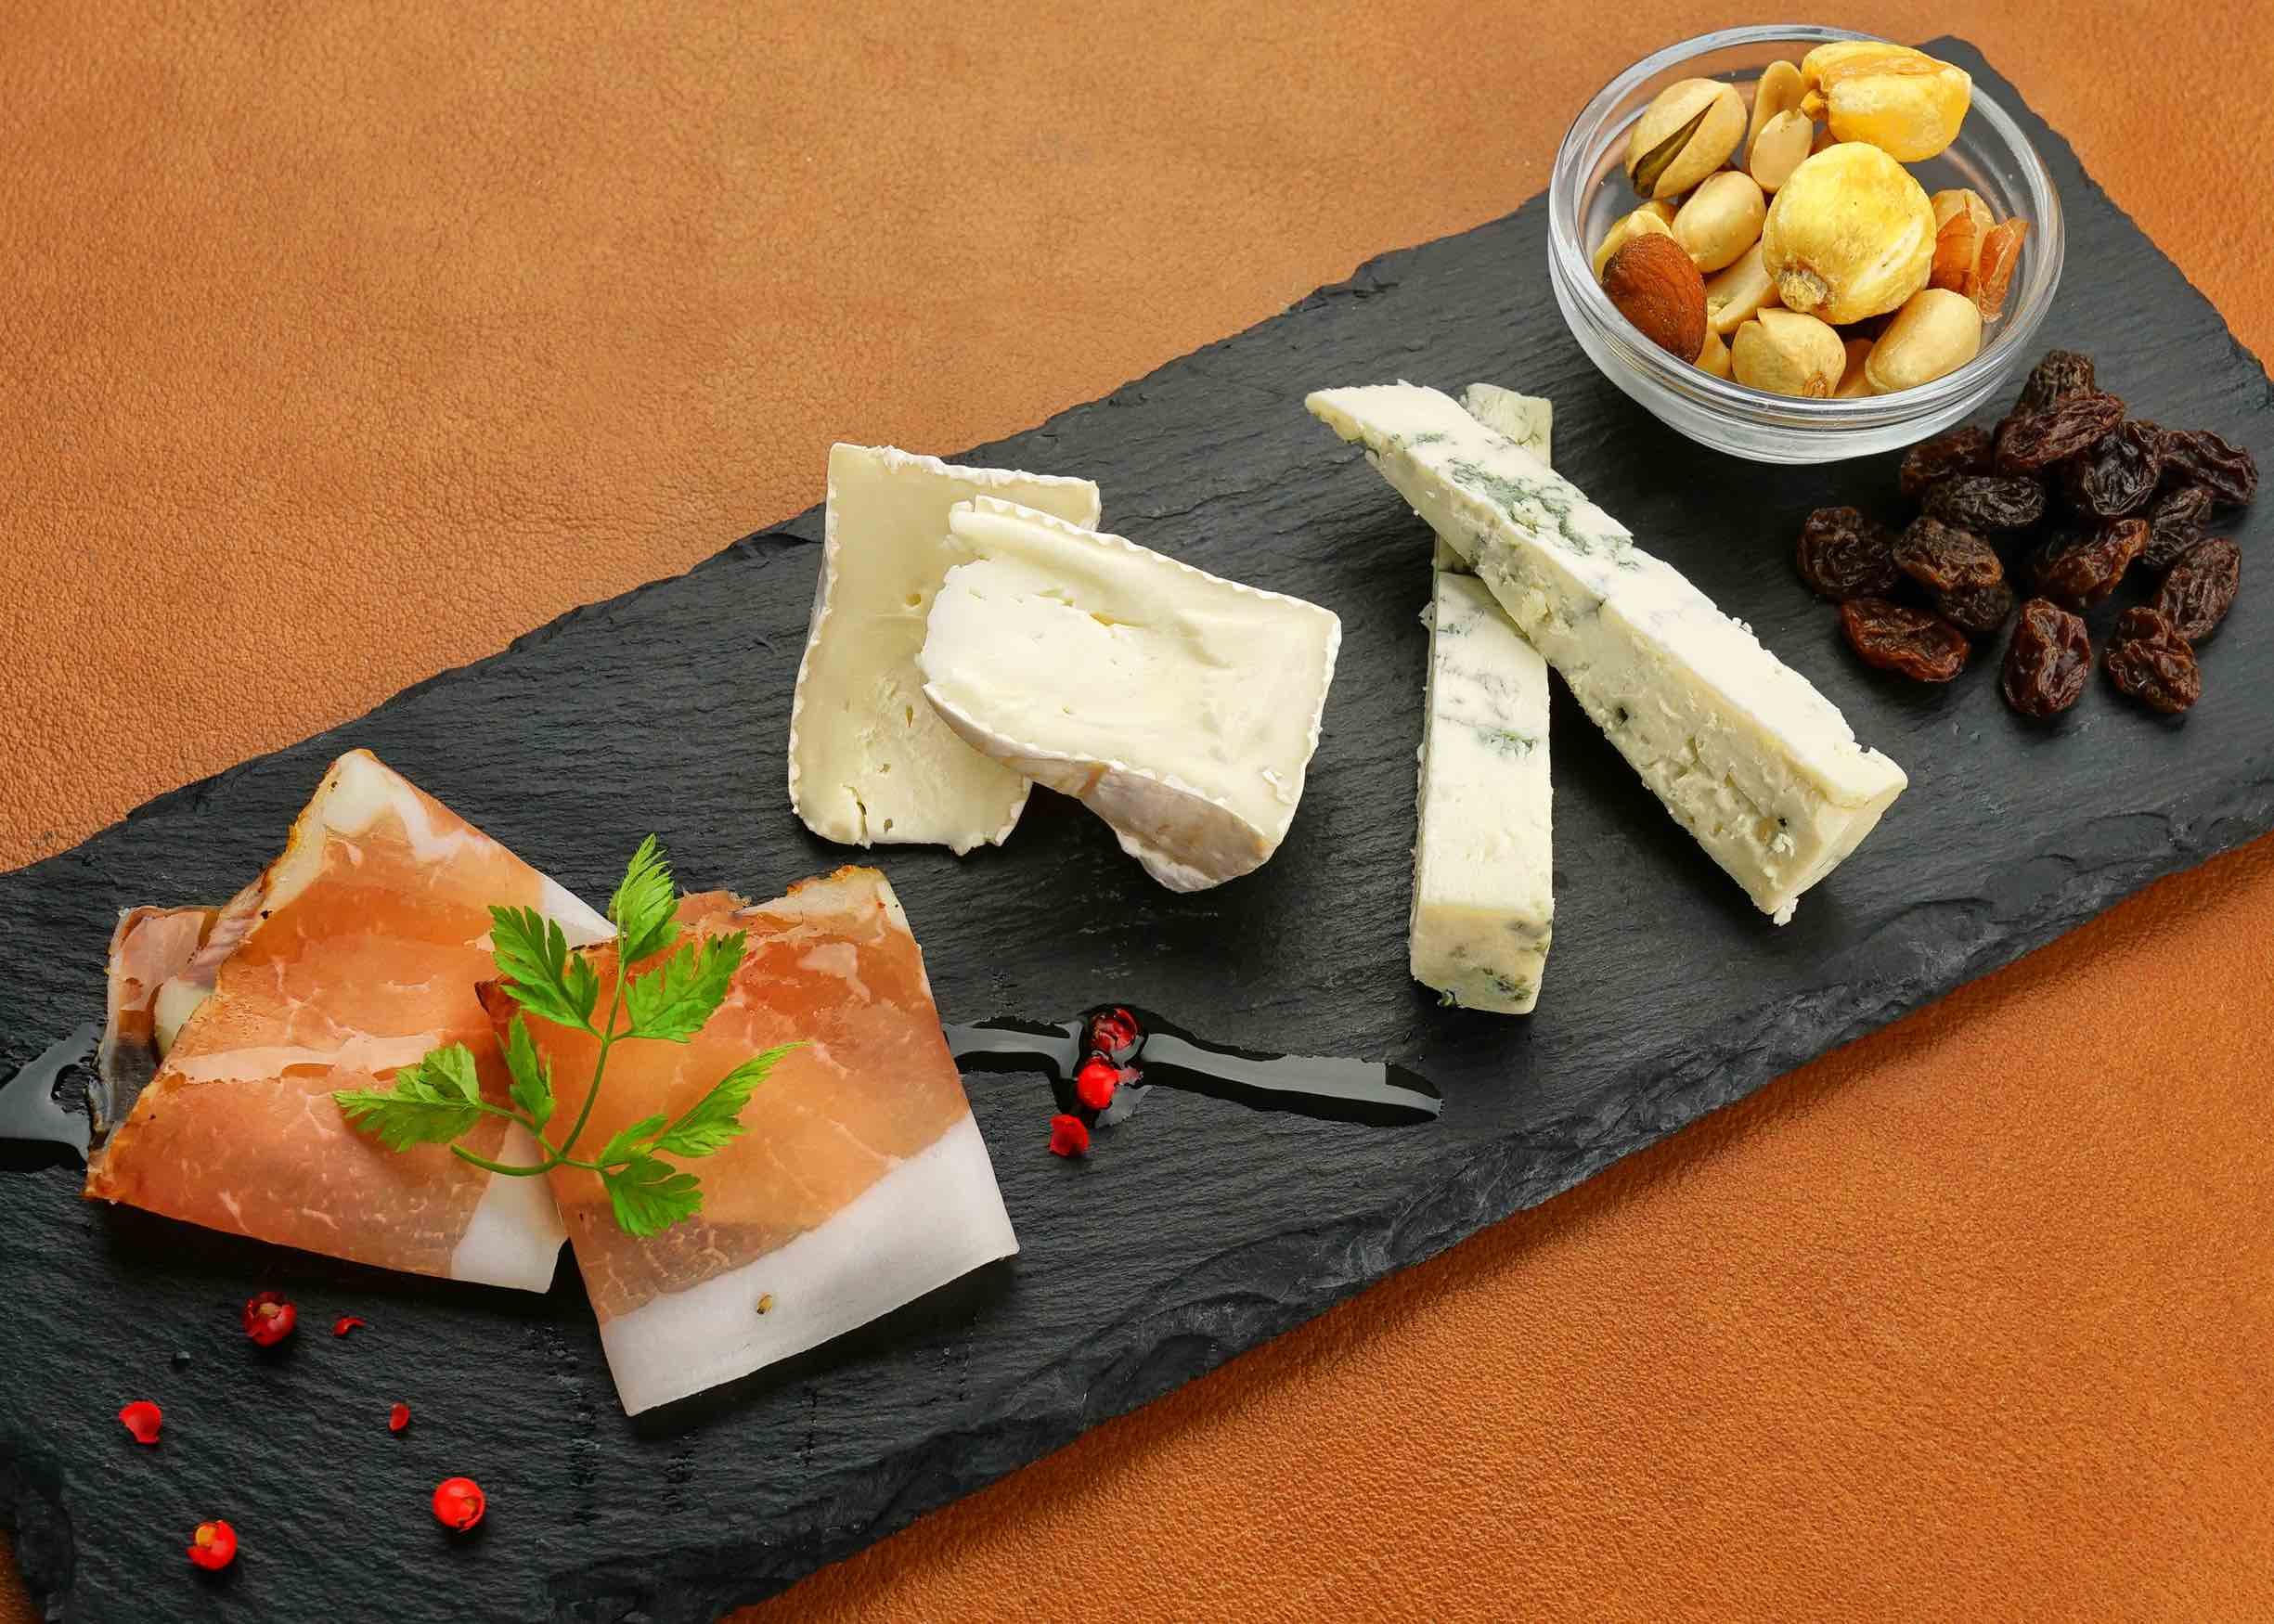 生ハムとチーズのプレート